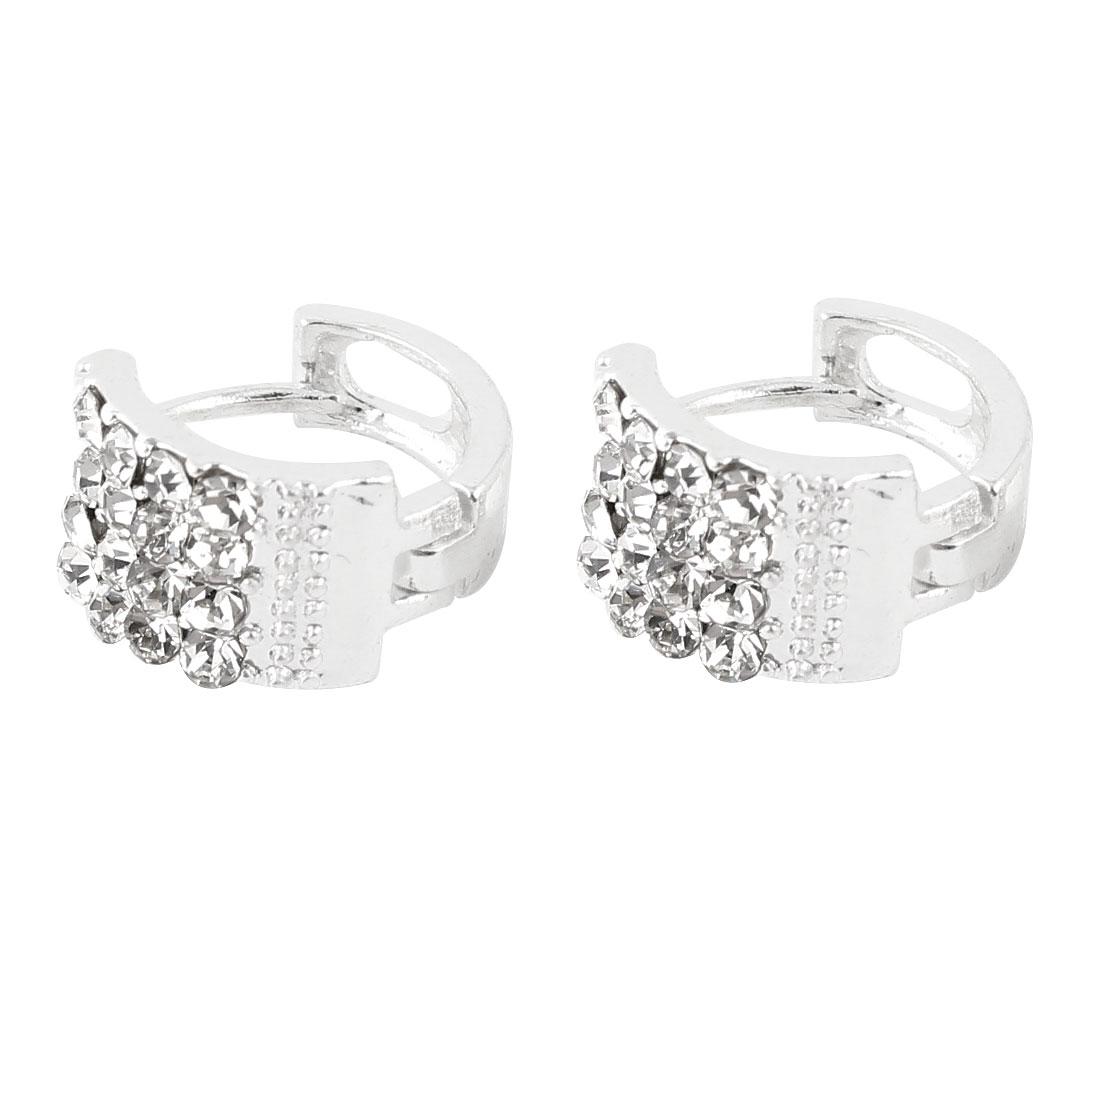 Ladies Pair Glittery Rhinestone Decor Eardrop Hoop Earrings